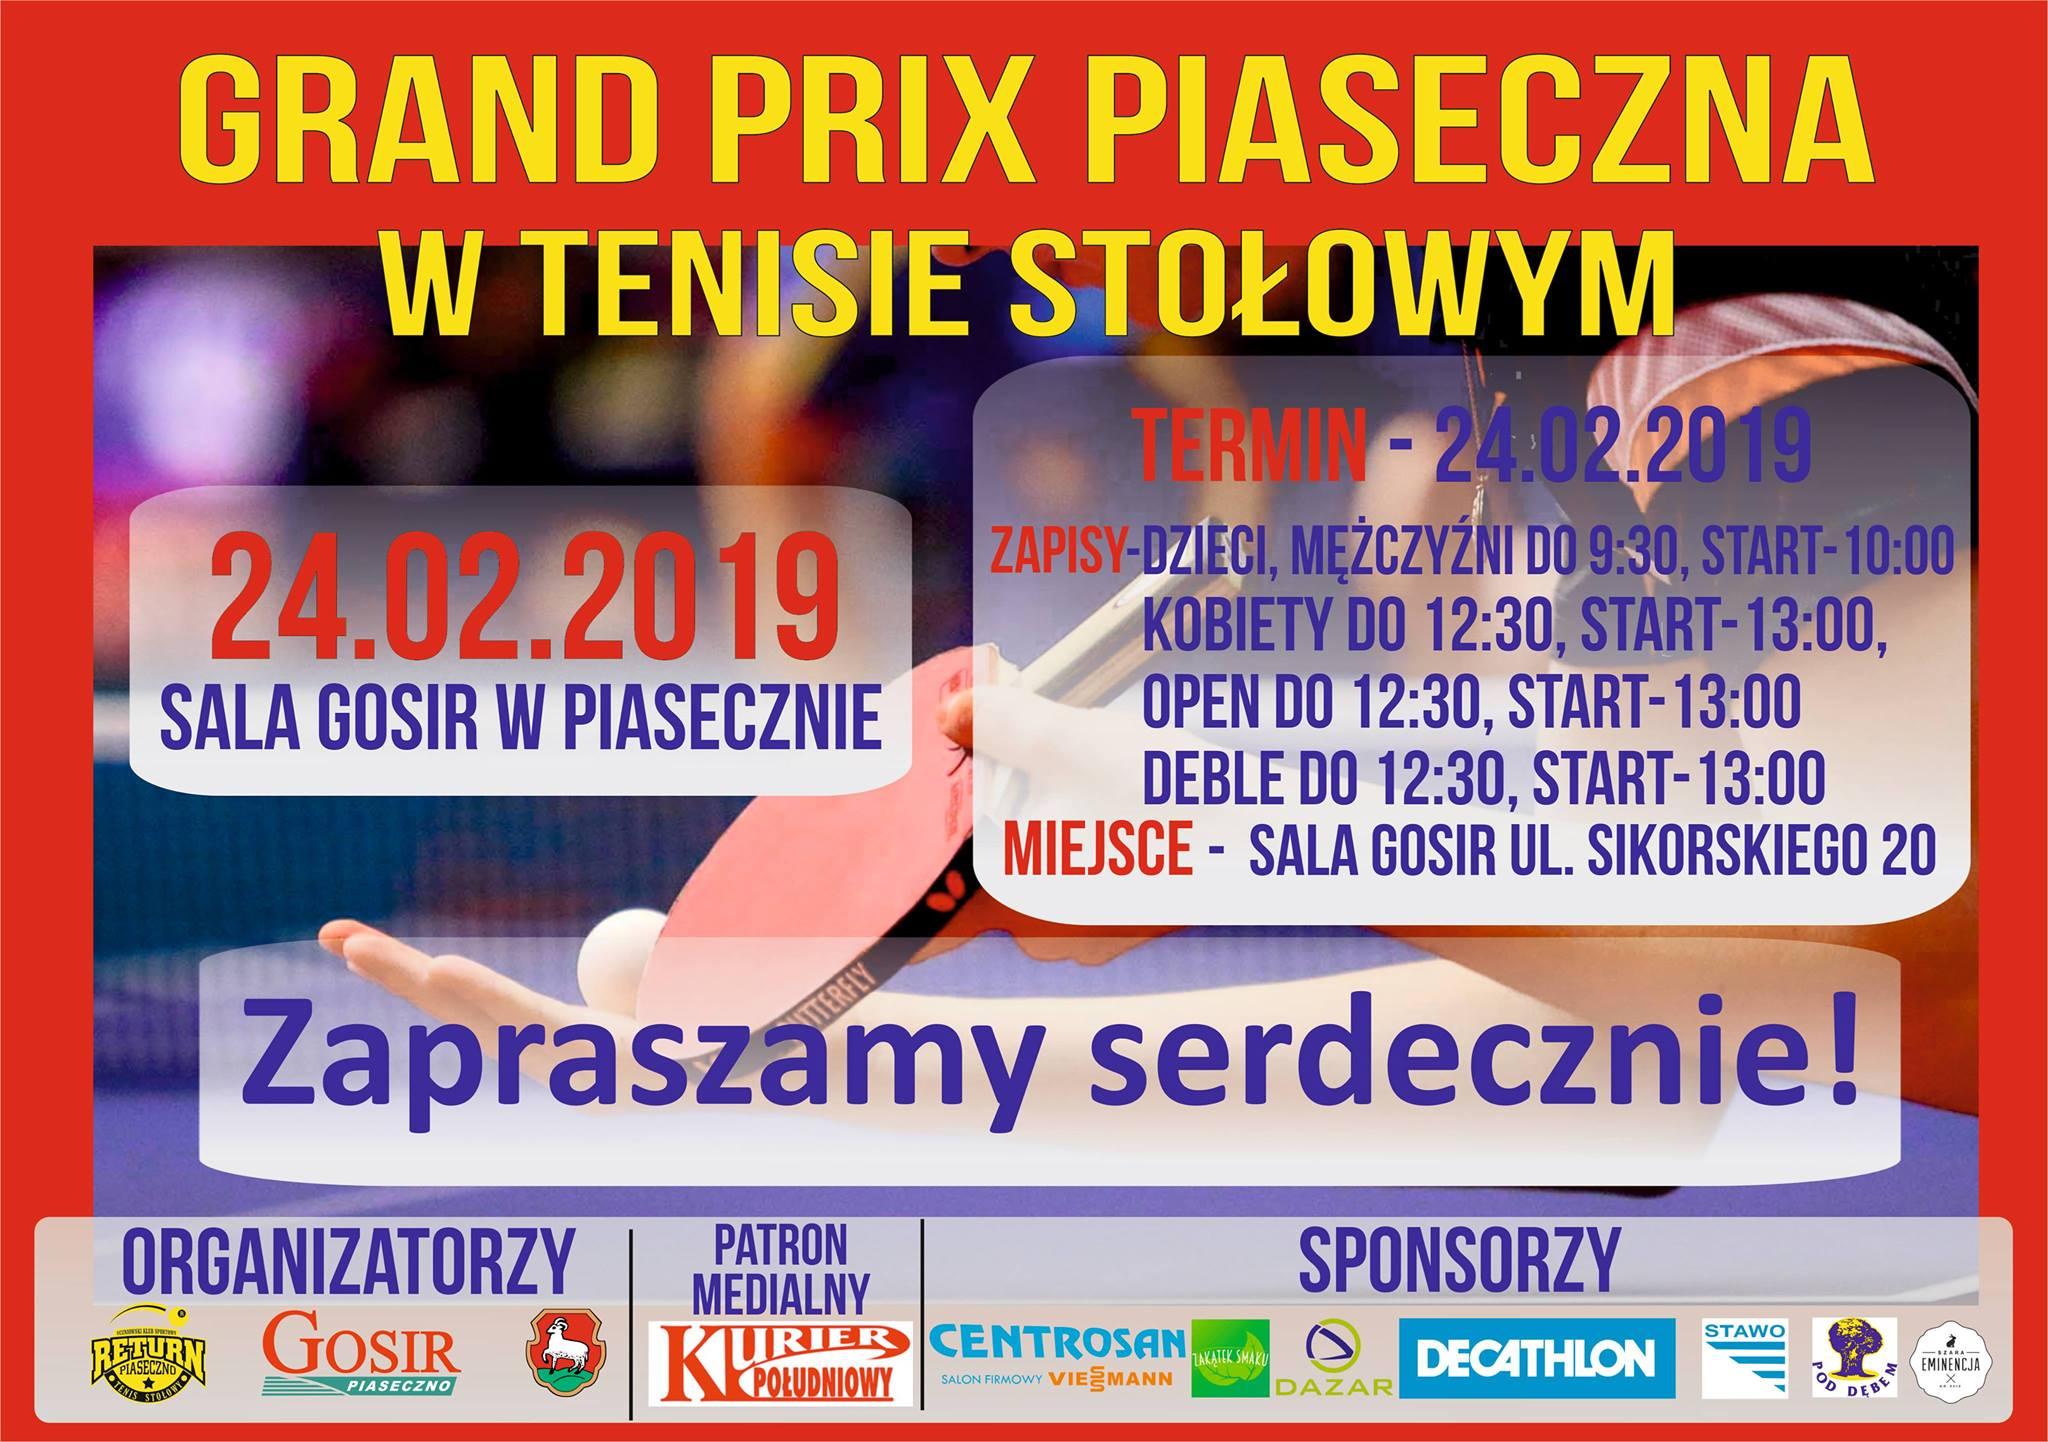 Plakat turnieju VI Grand Prix Piaseczna w tenisie stołowym XXI edycji